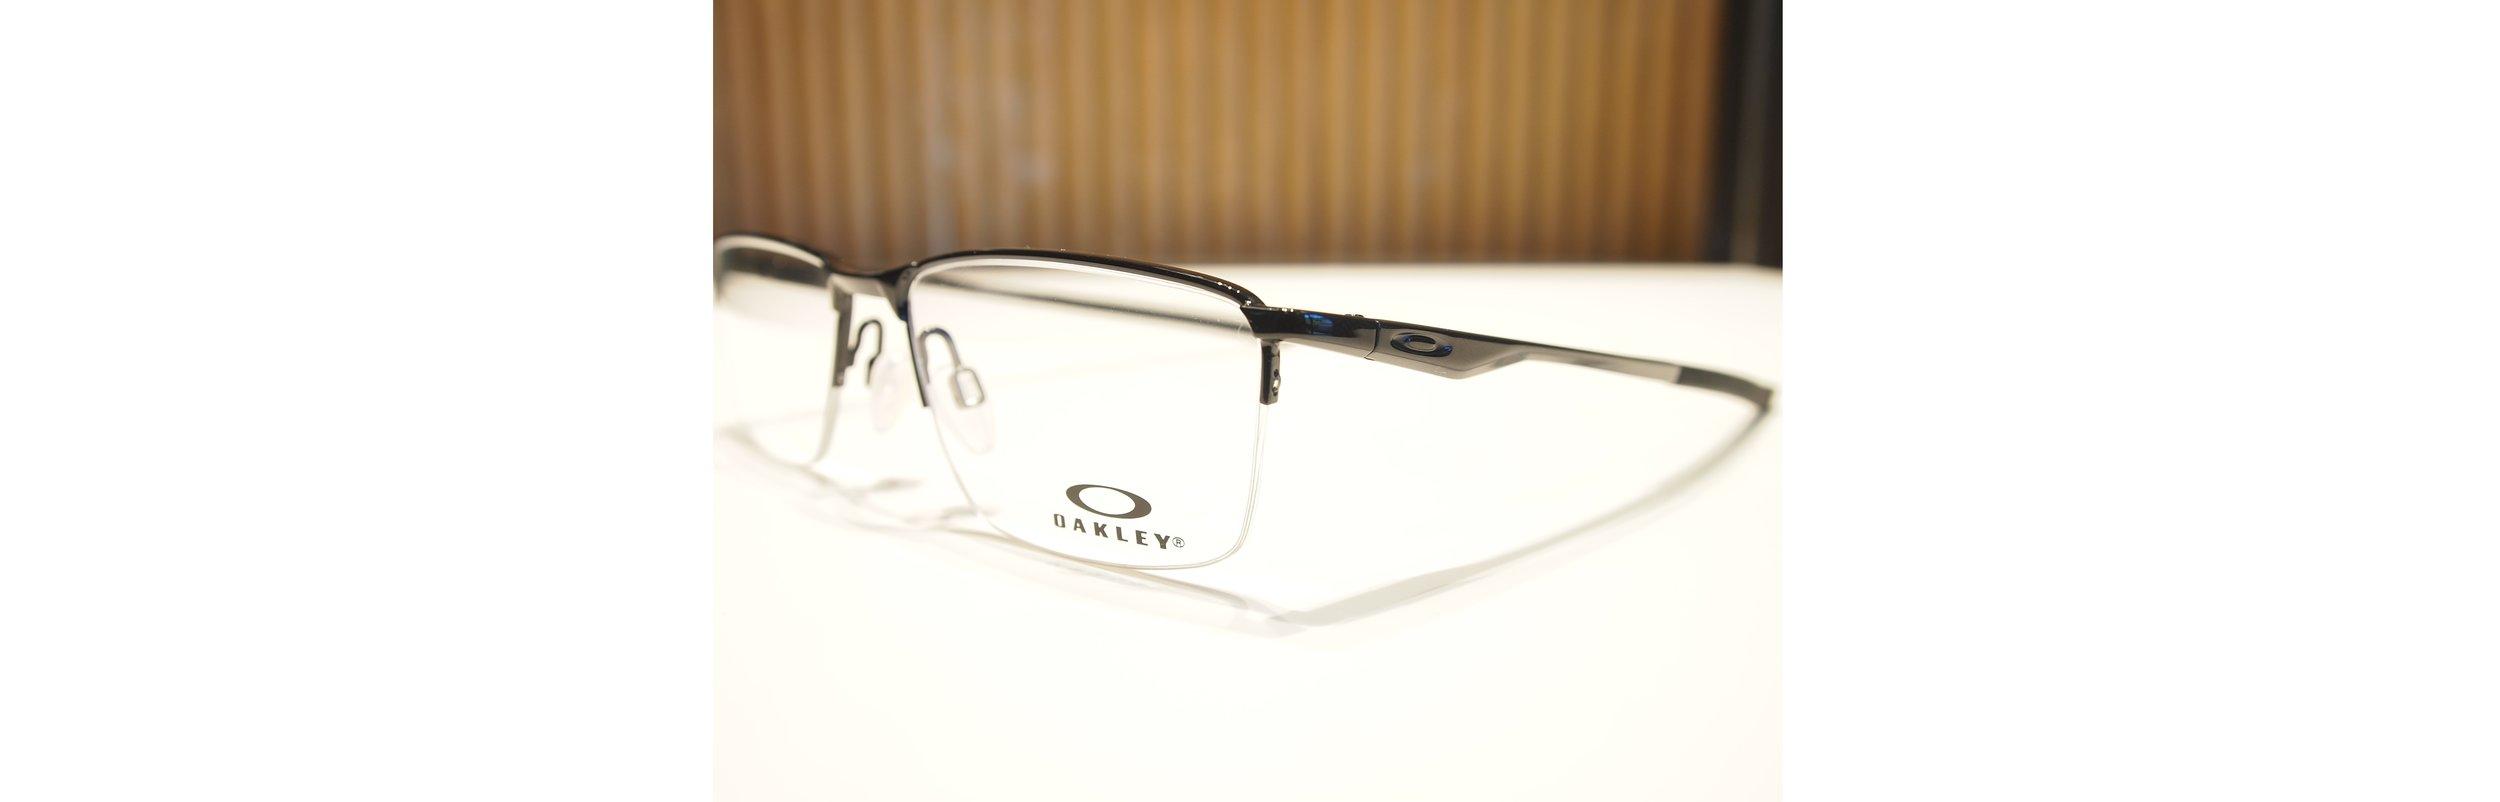 Oakley 5B - Copy.JPG